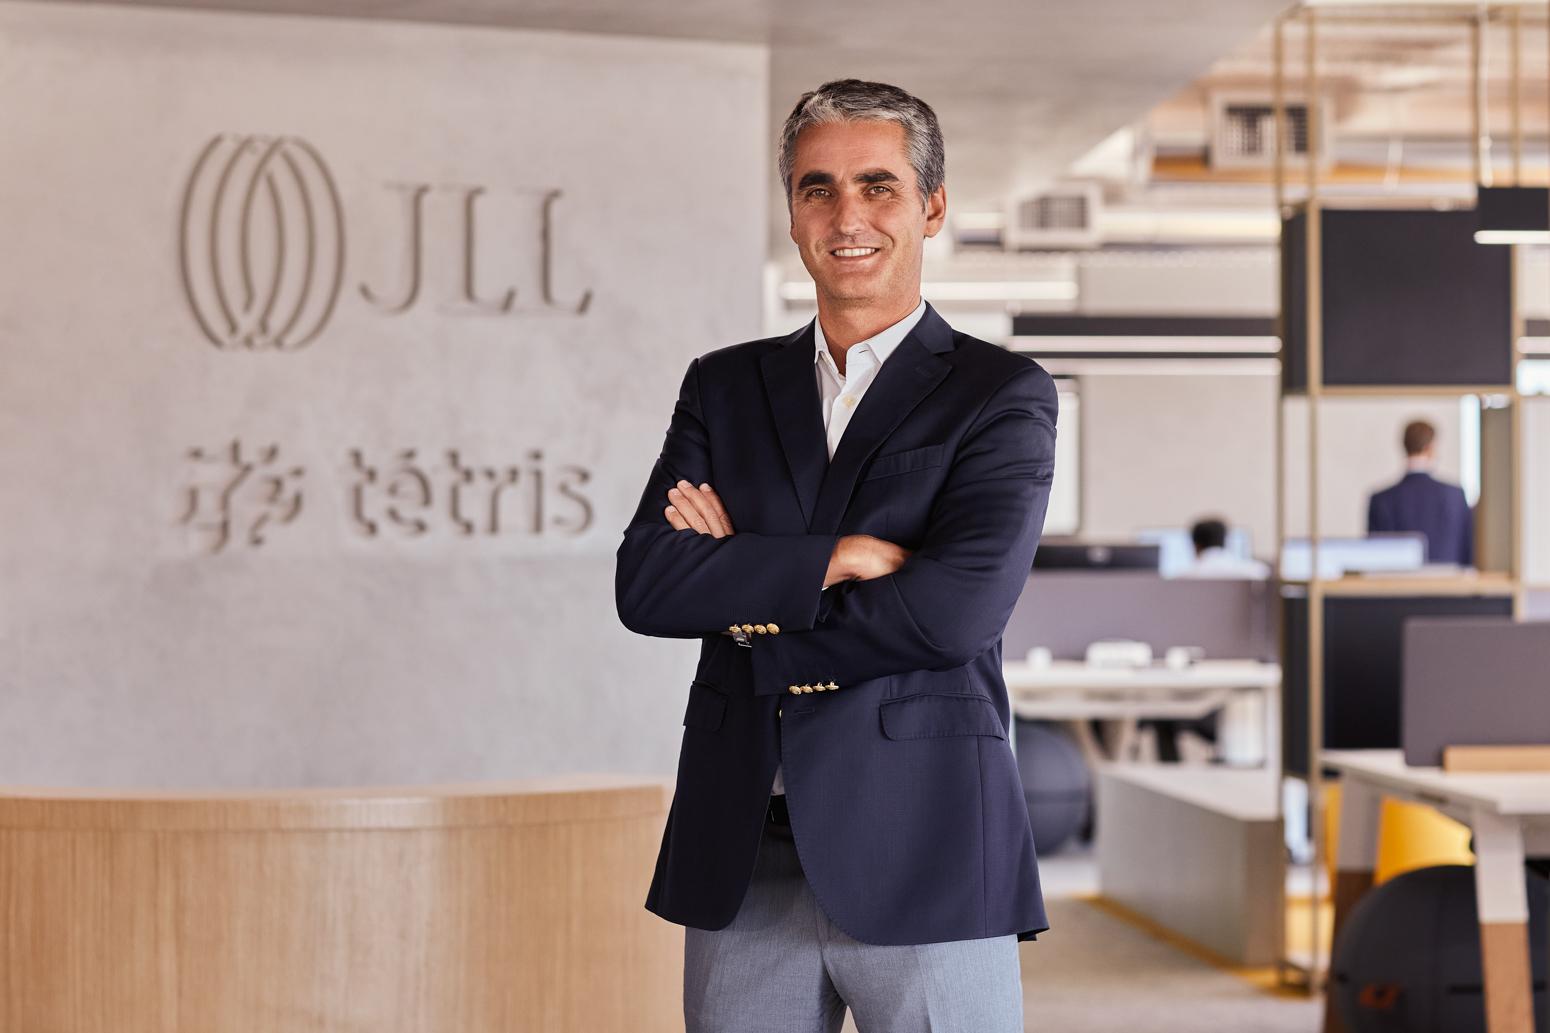 Pedro Lancastre, CEO da JLL em Portugal / JLL